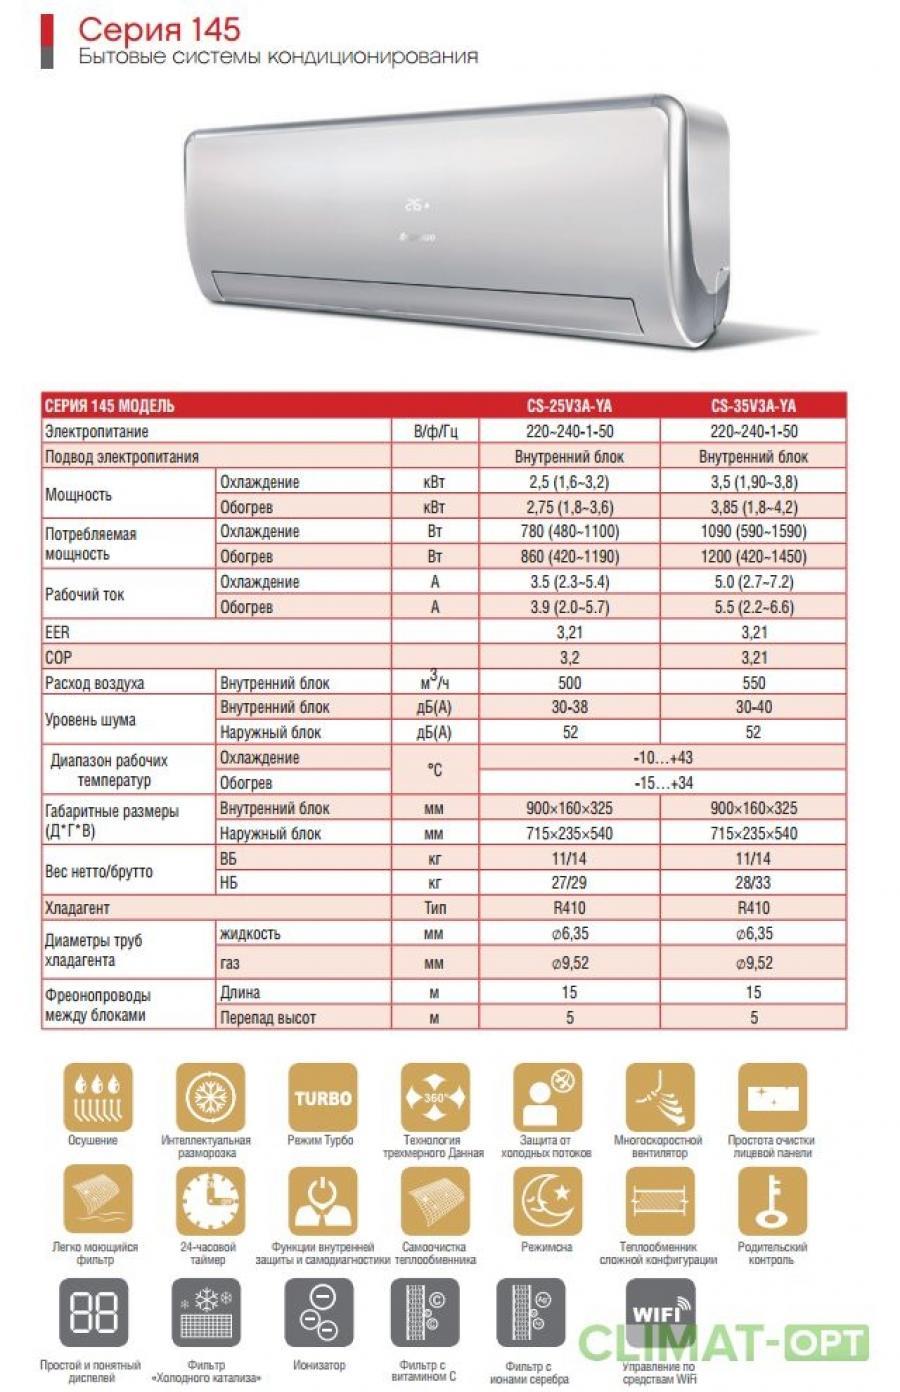 Кондиционер с внутренним блоком настенного типа Chigo GALACTICA Серия 145 WIFI Inverter (Звоните, Скидки!)